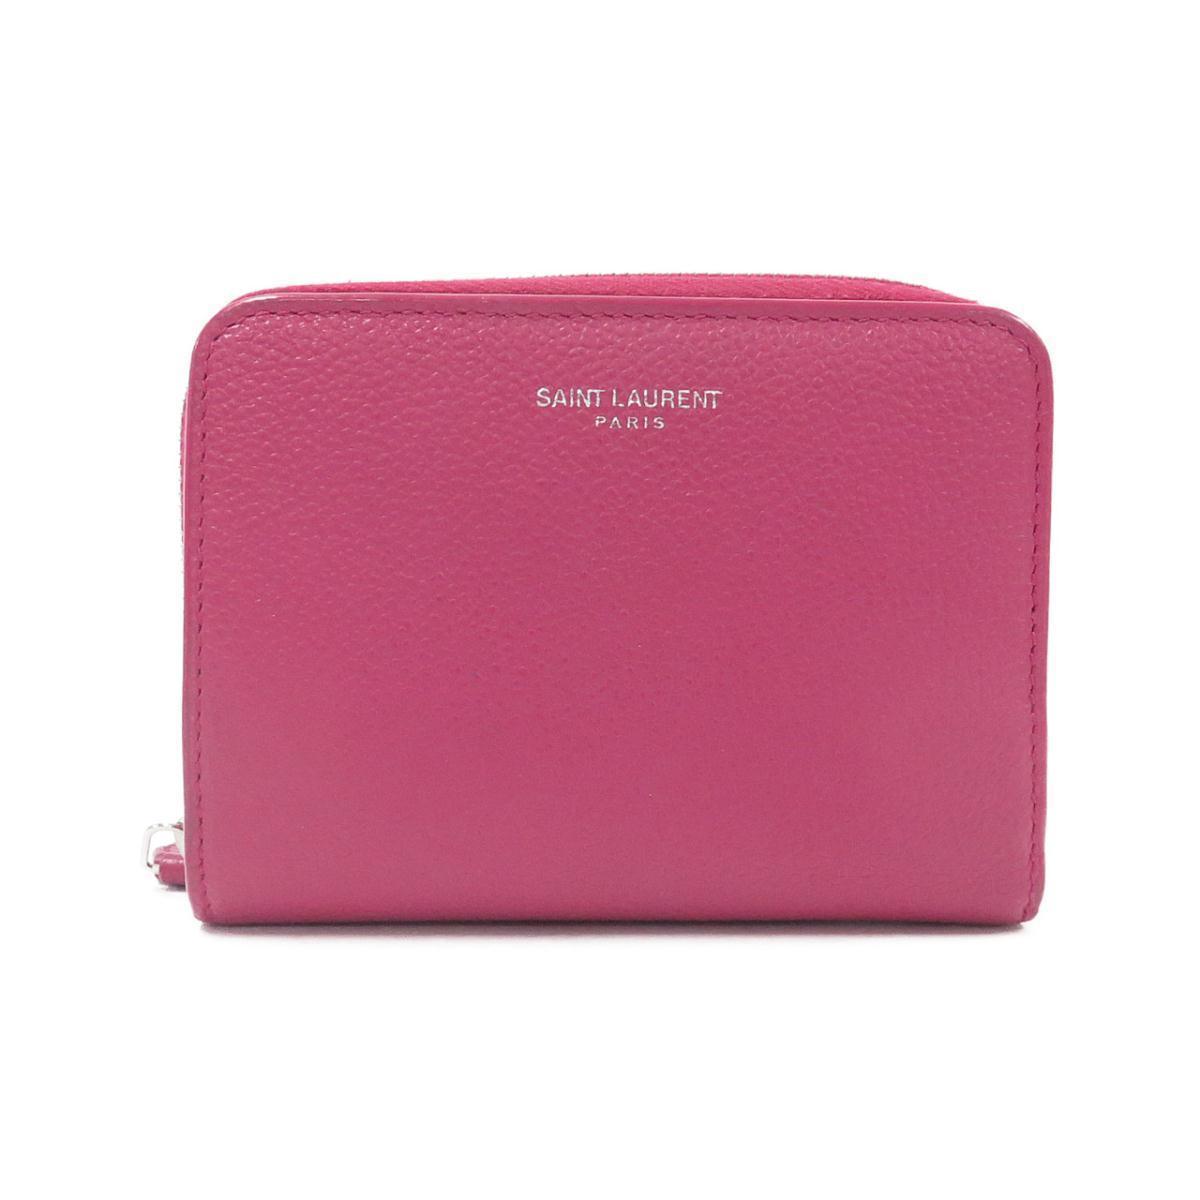 サンローランのピンクのミニ財布